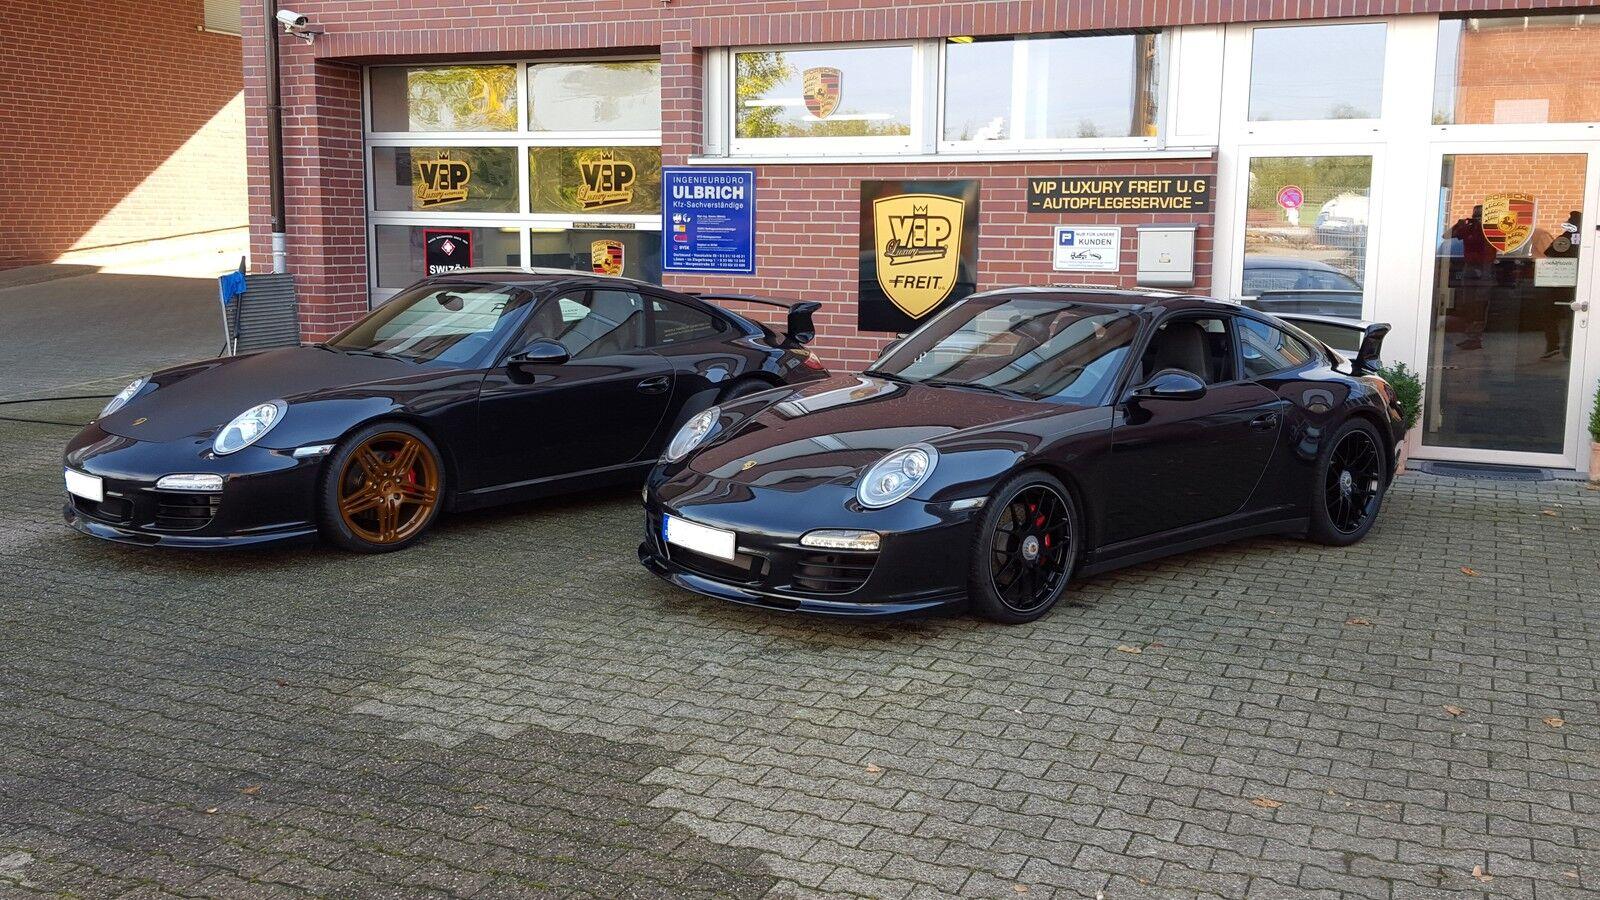 Vip-Luxury-Sportwagentechnik Freit